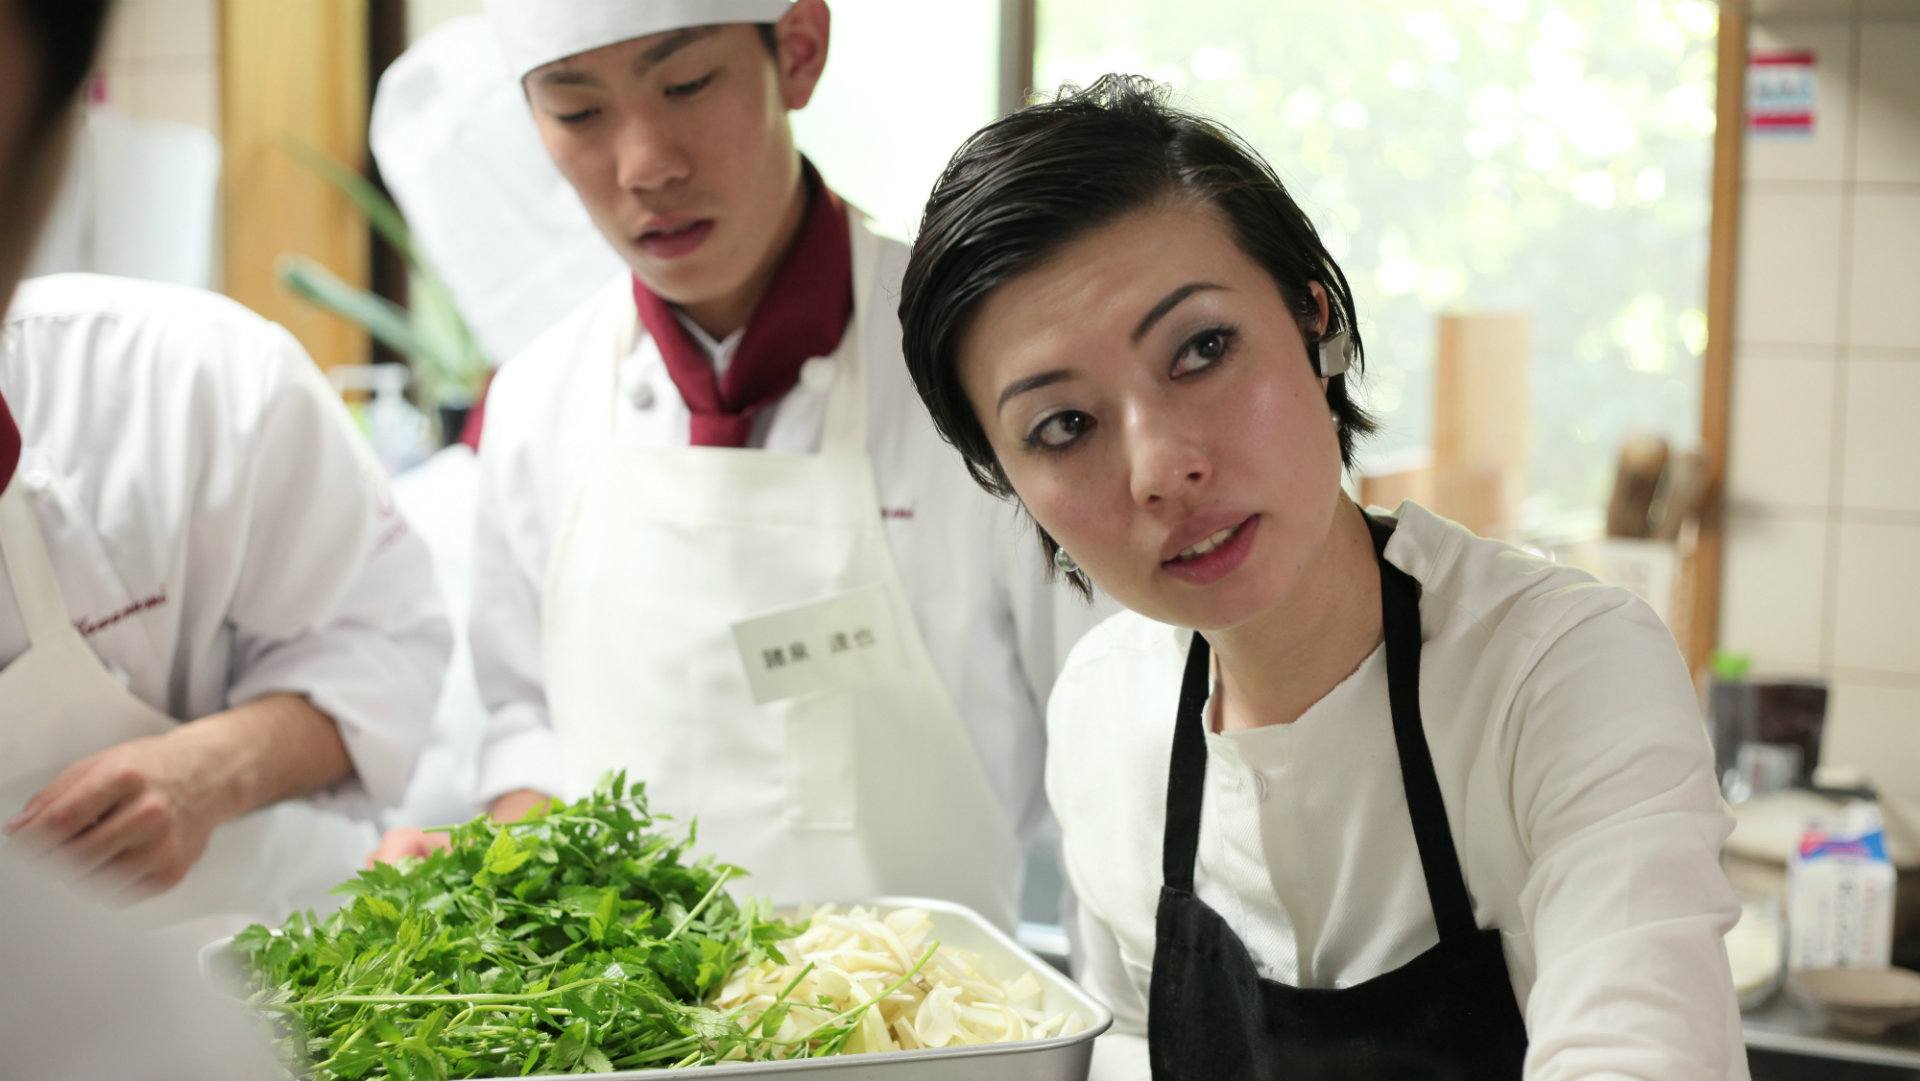 【語音專訪個人工作者】兩個人的餐桌也可以說一個美麗的故事 – 日本食物空間師 Hitomi Otsuka 大塚瞳